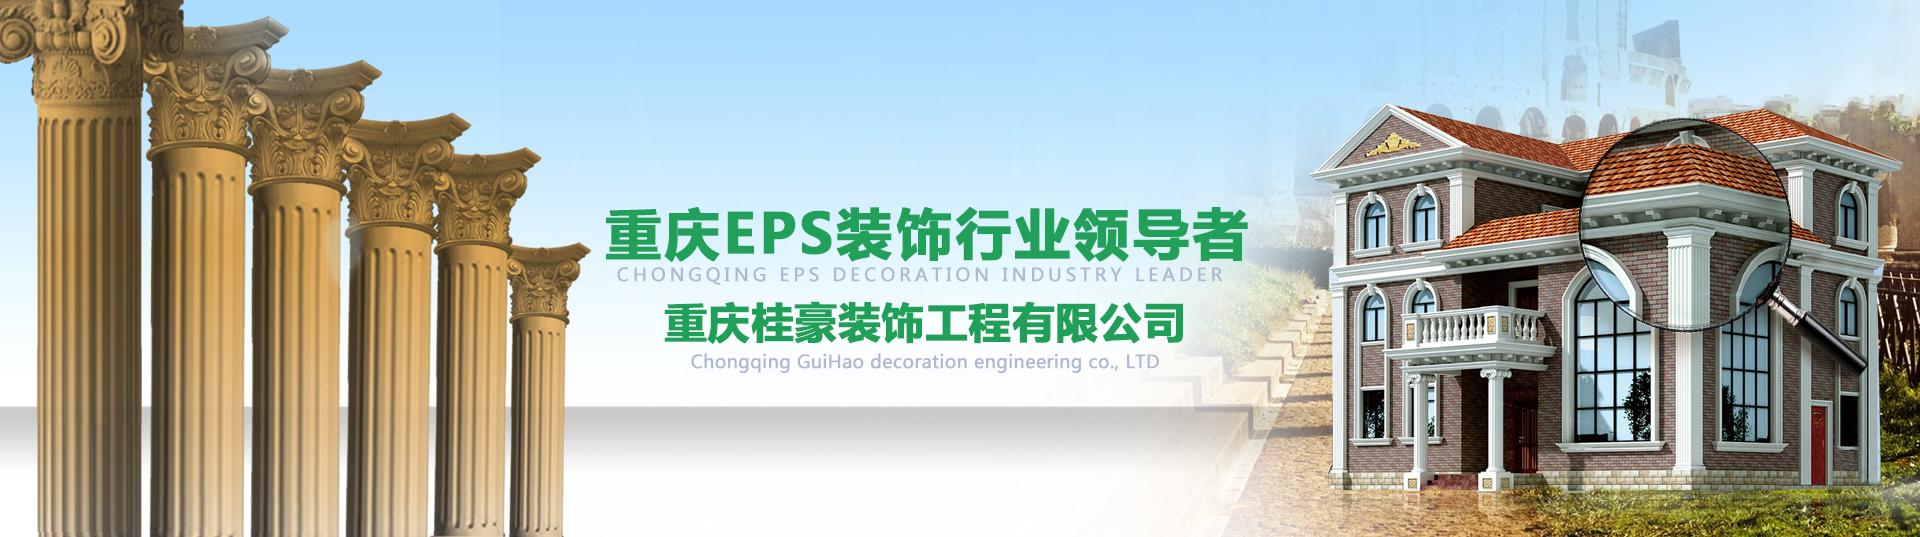 重庆eps装饰行业领导者